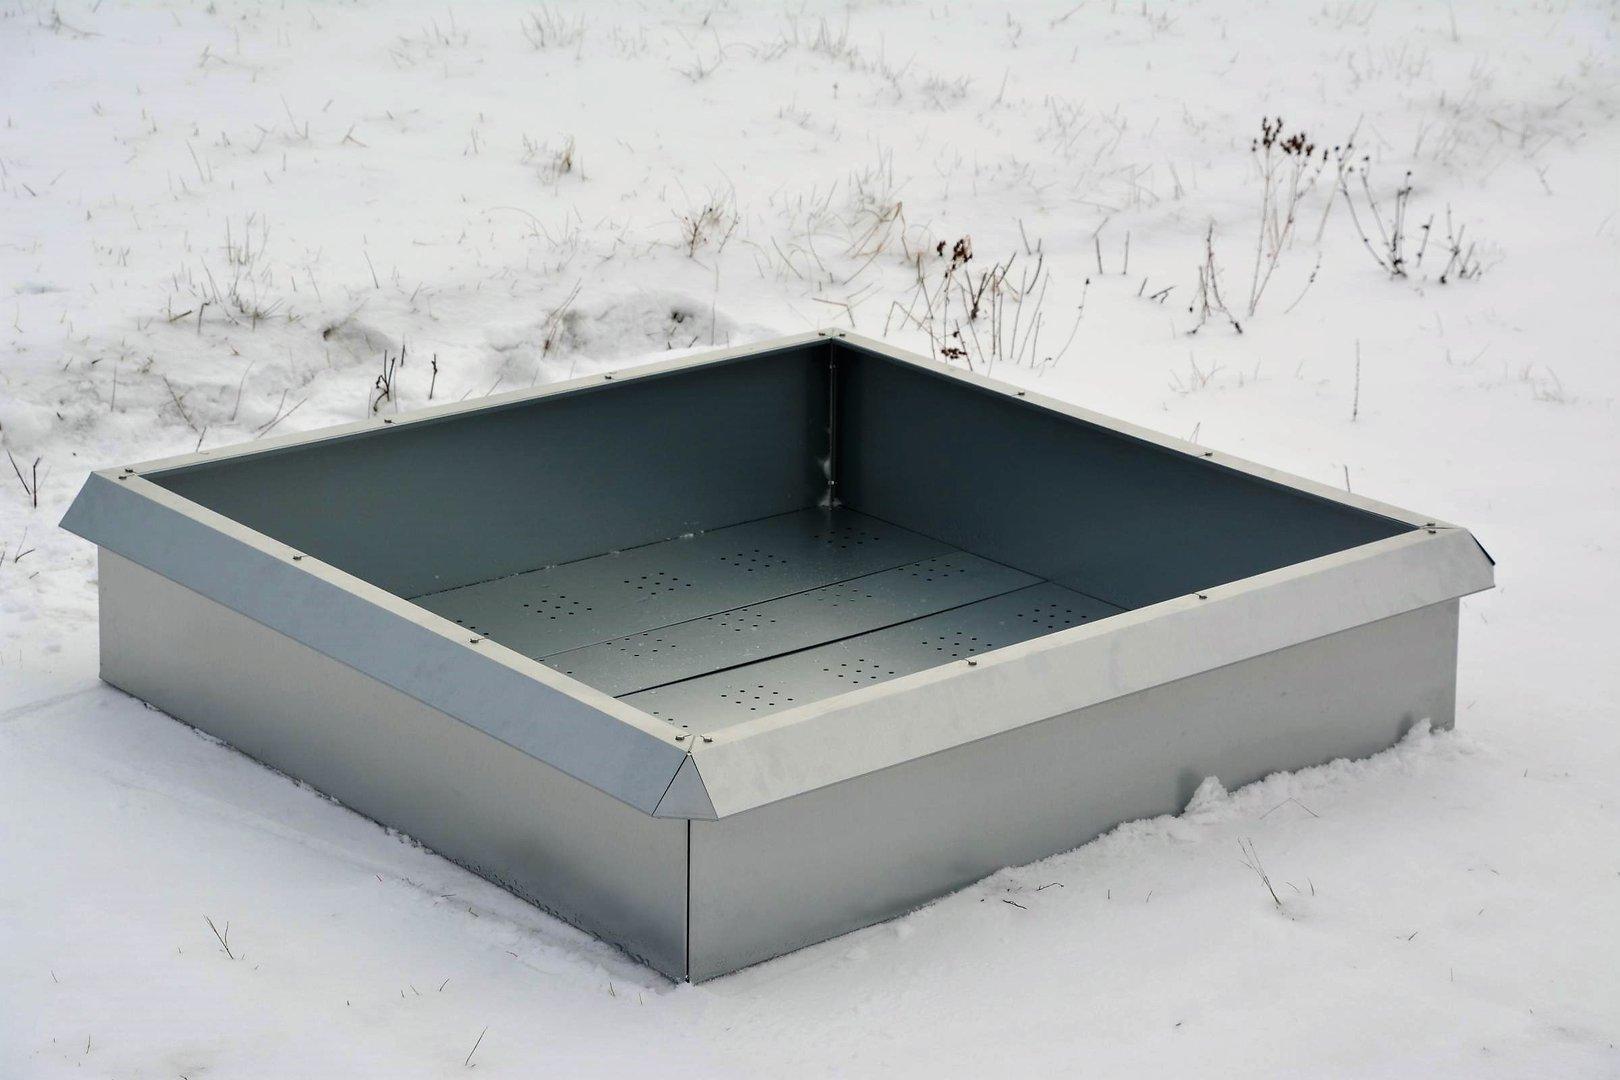 fr hbeet hochbeet pflanzkasten mit schneckenzaun aus metall. Black Bedroom Furniture Sets. Home Design Ideas